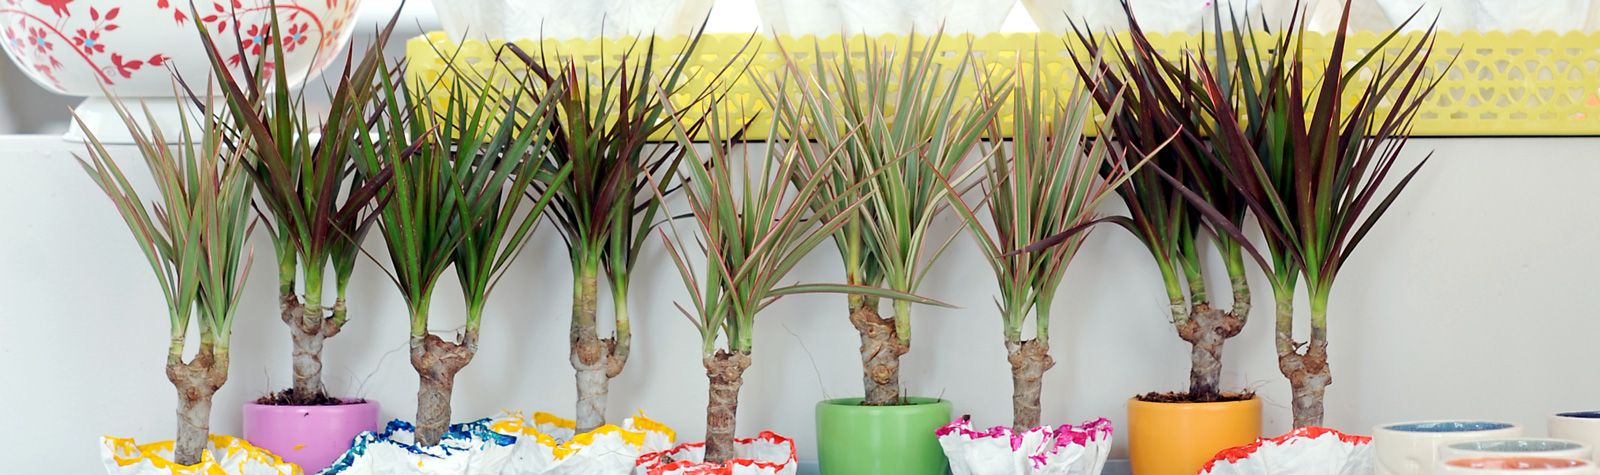 10 Súper Consejos para cuidar tus plantas de interior y exterior